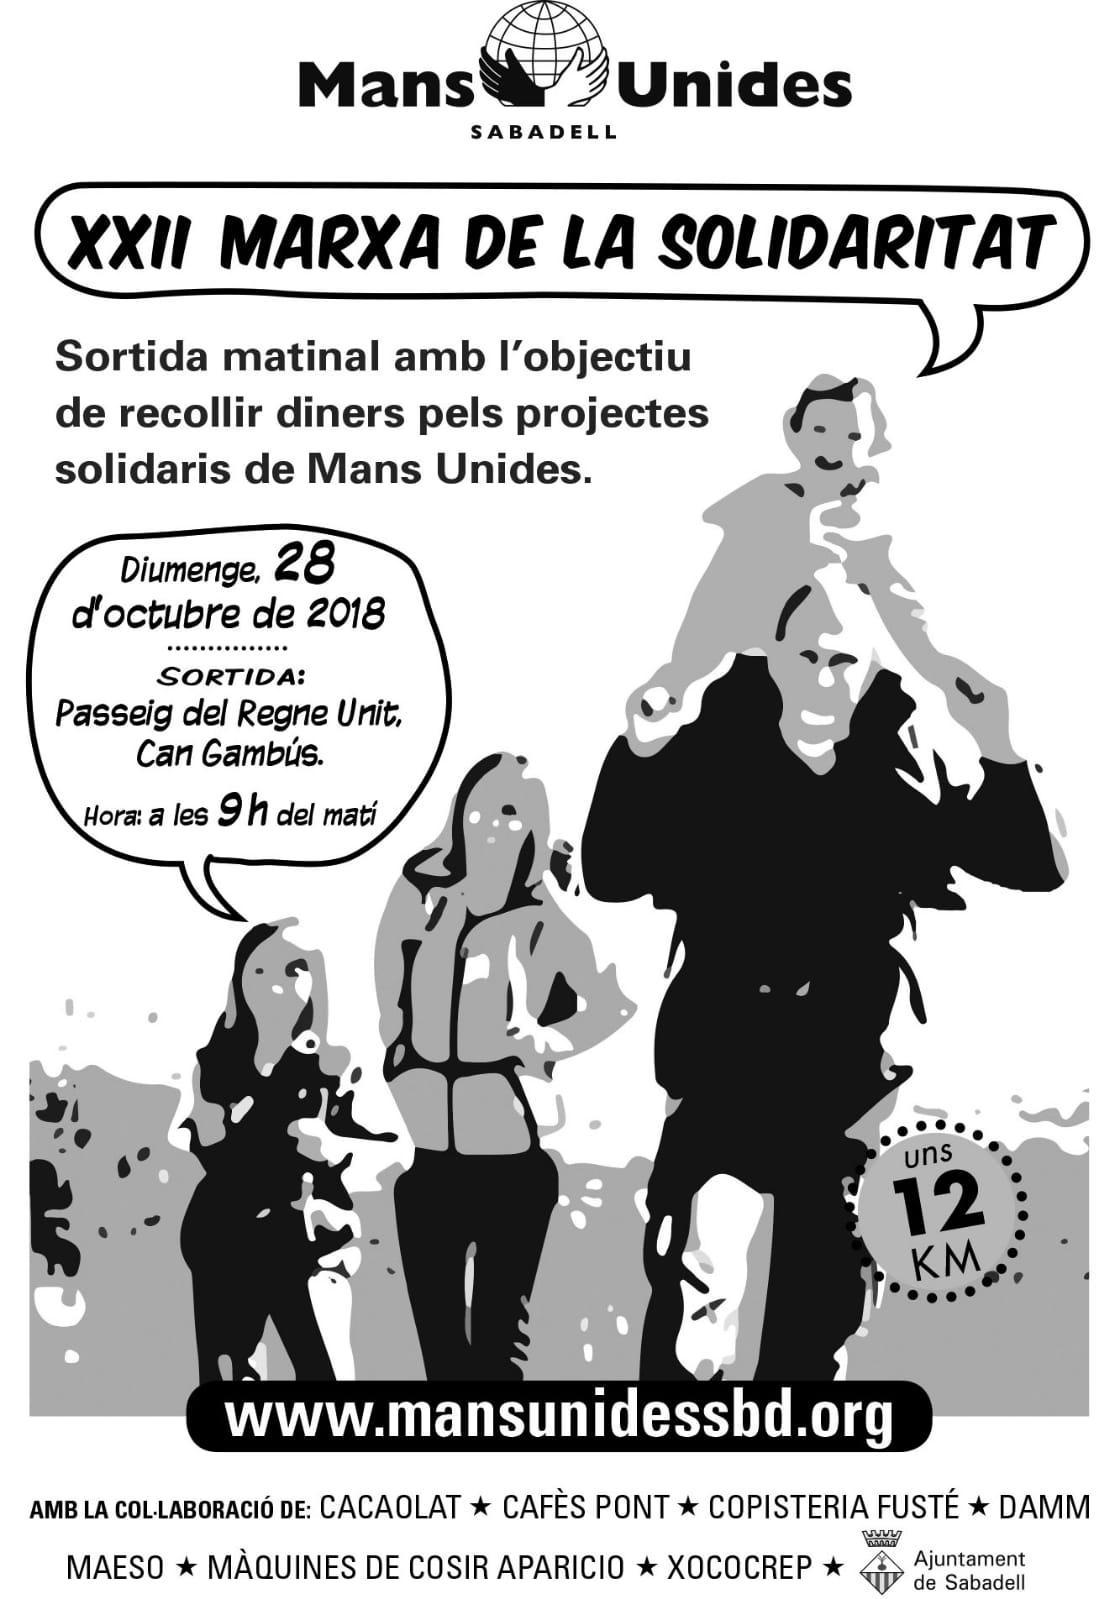 DOSSIER INFORMATIU XXII MARXA DE LA SOLIDARITAT 2018